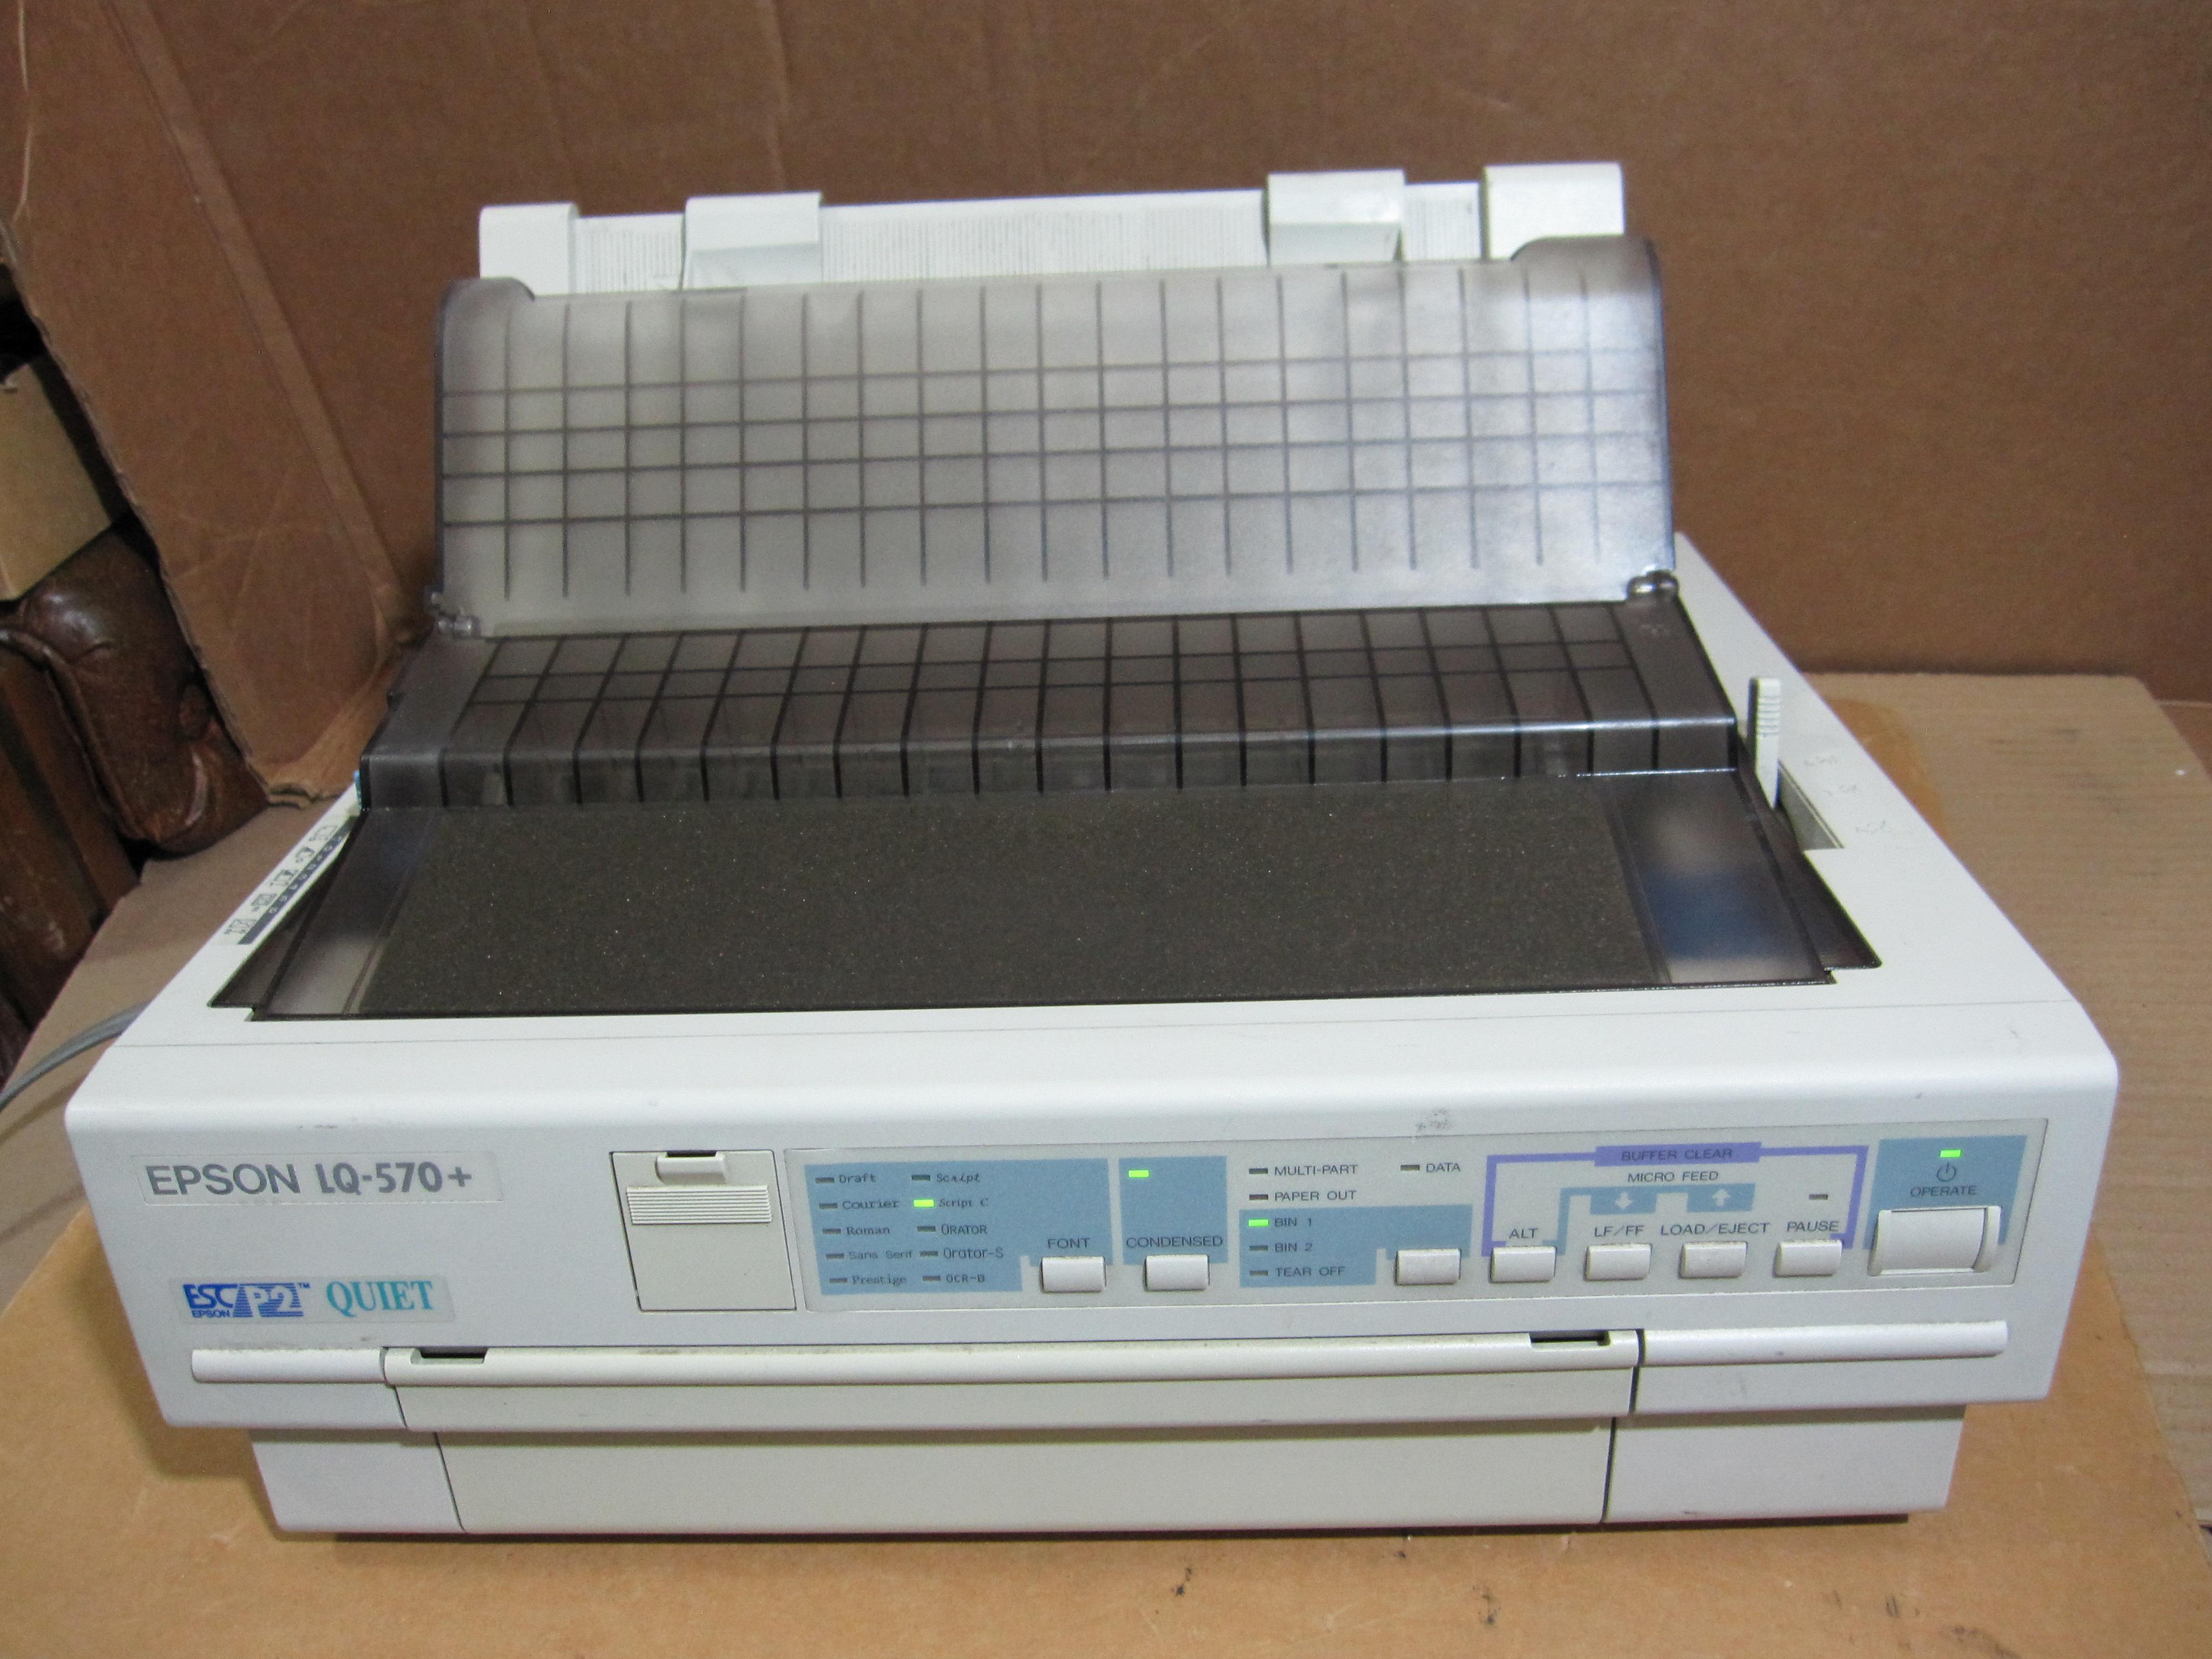 Epson LQ-570e Impact Network Printer Windows Vista 32-BIT